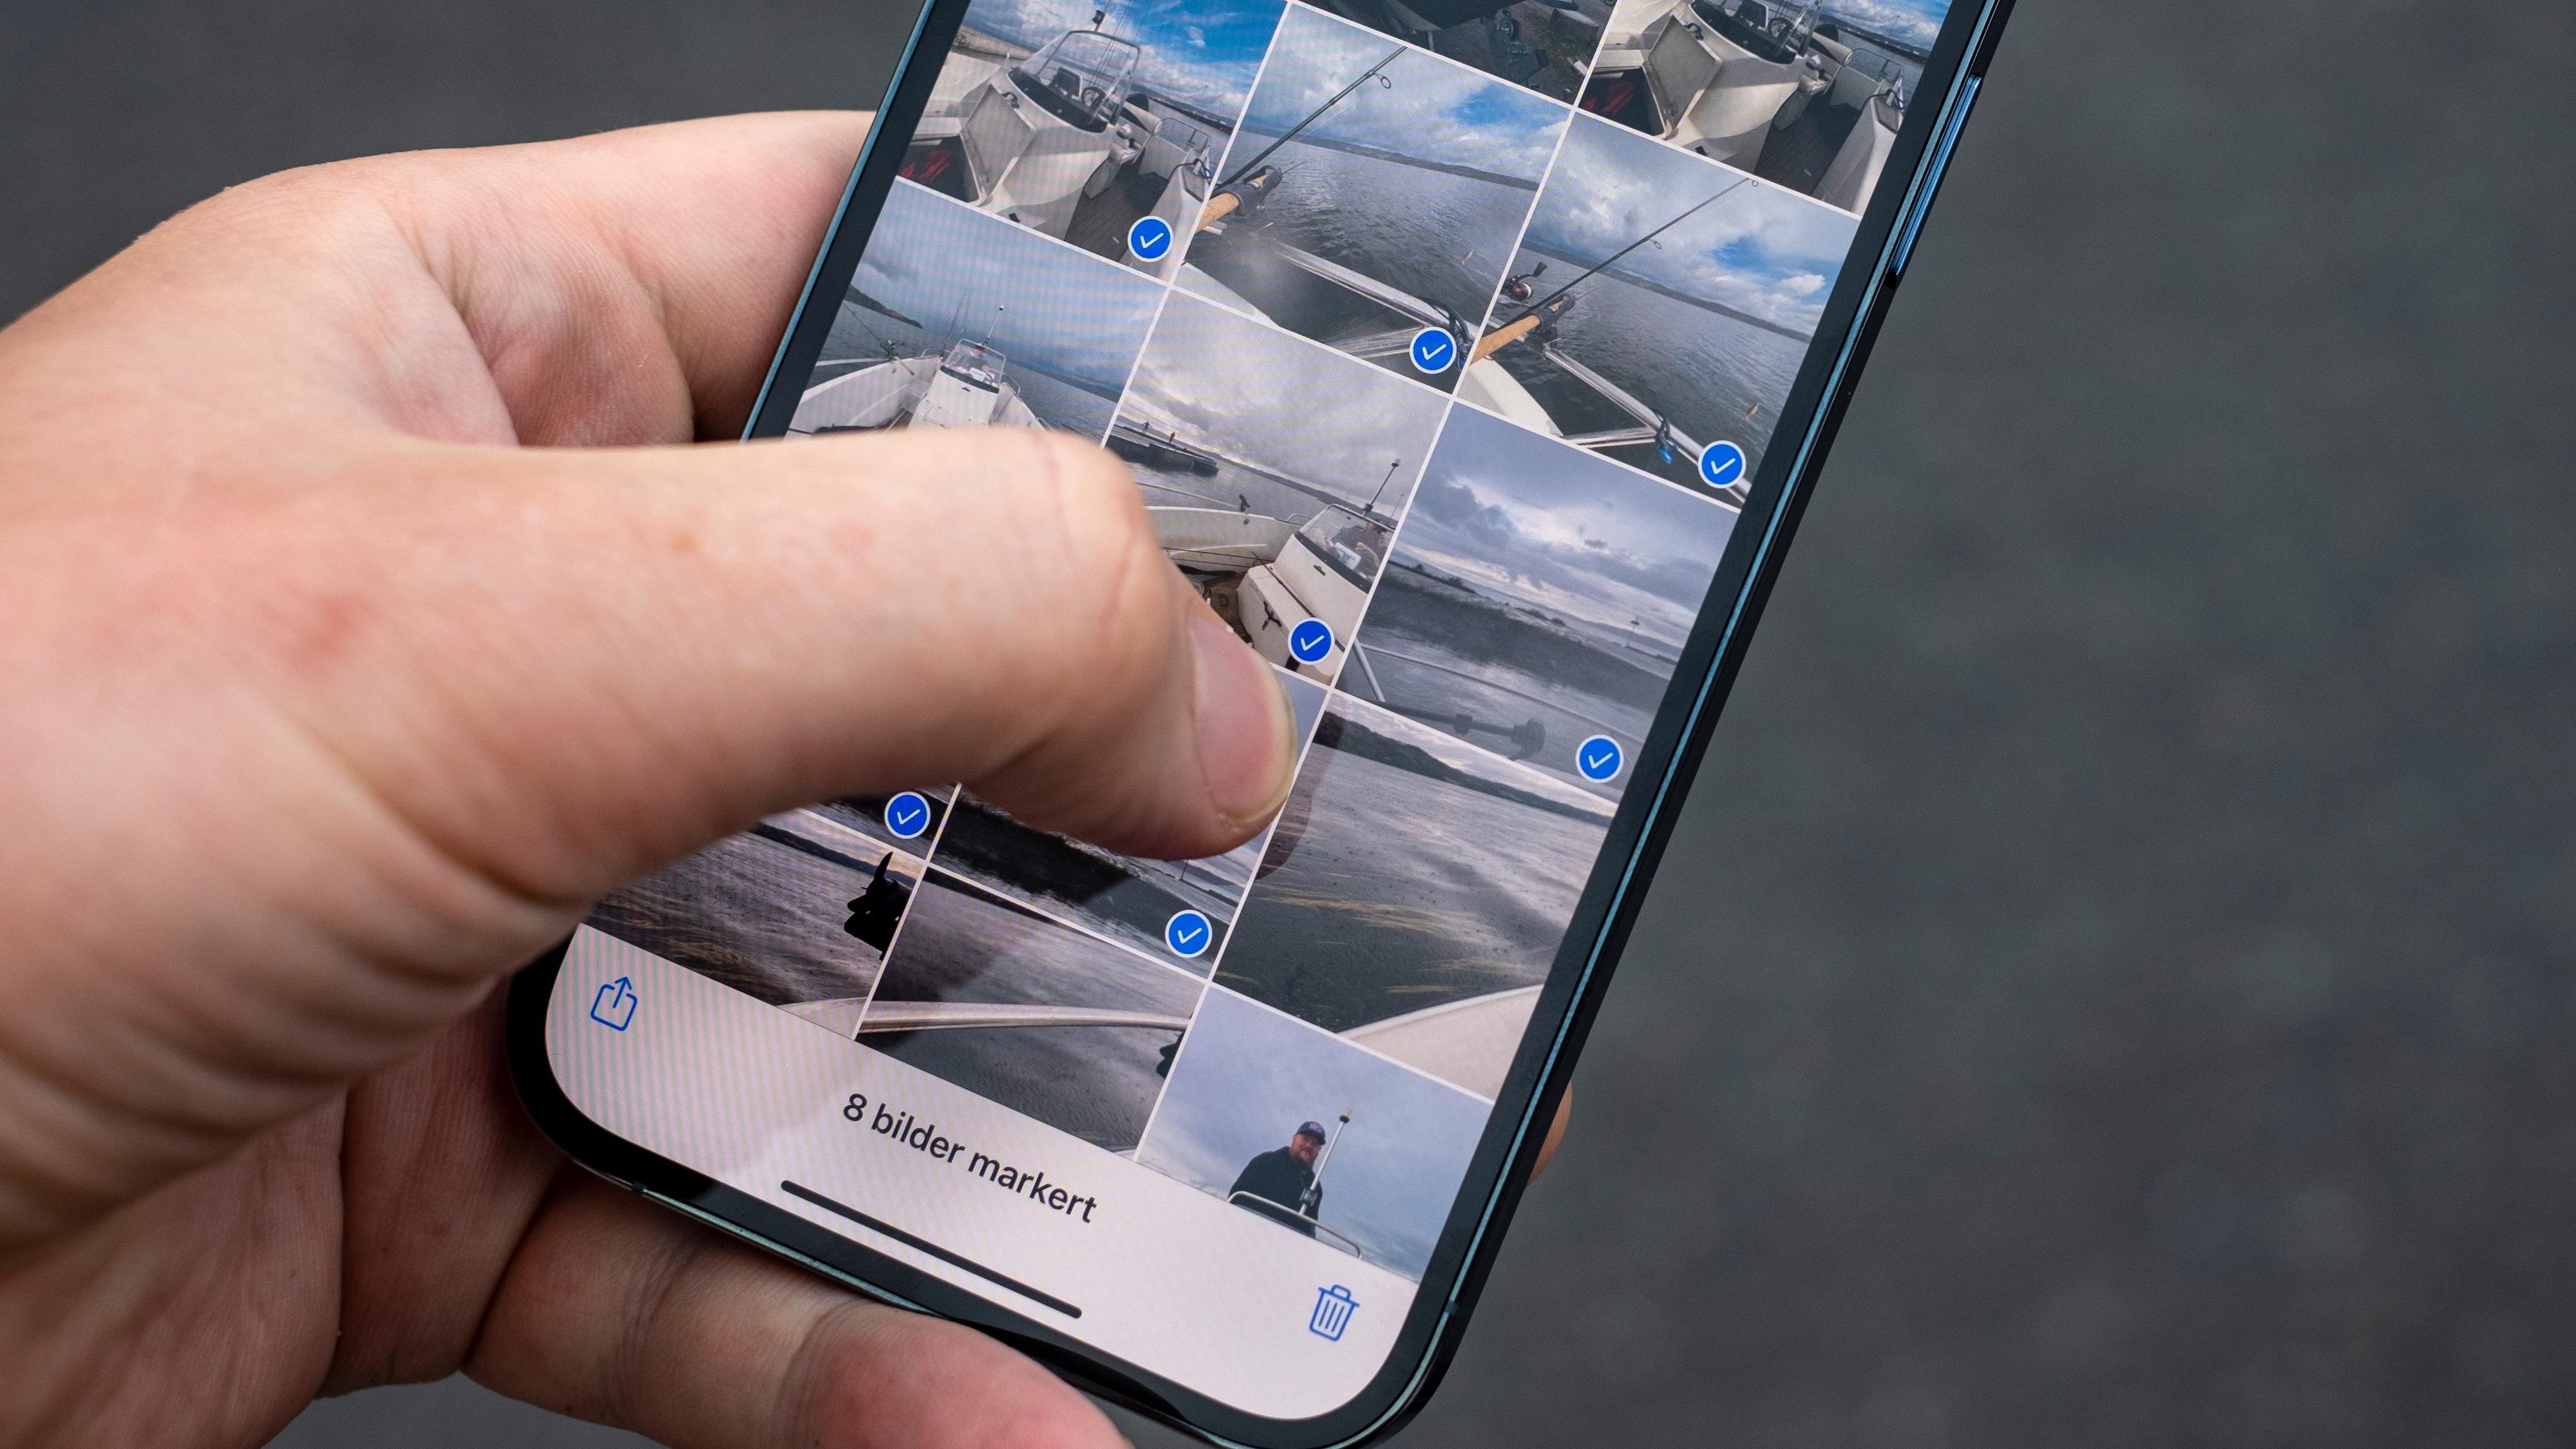 Velg bilder ved å trykke, holde og så sveipe nedover bildegalleriet ditt.